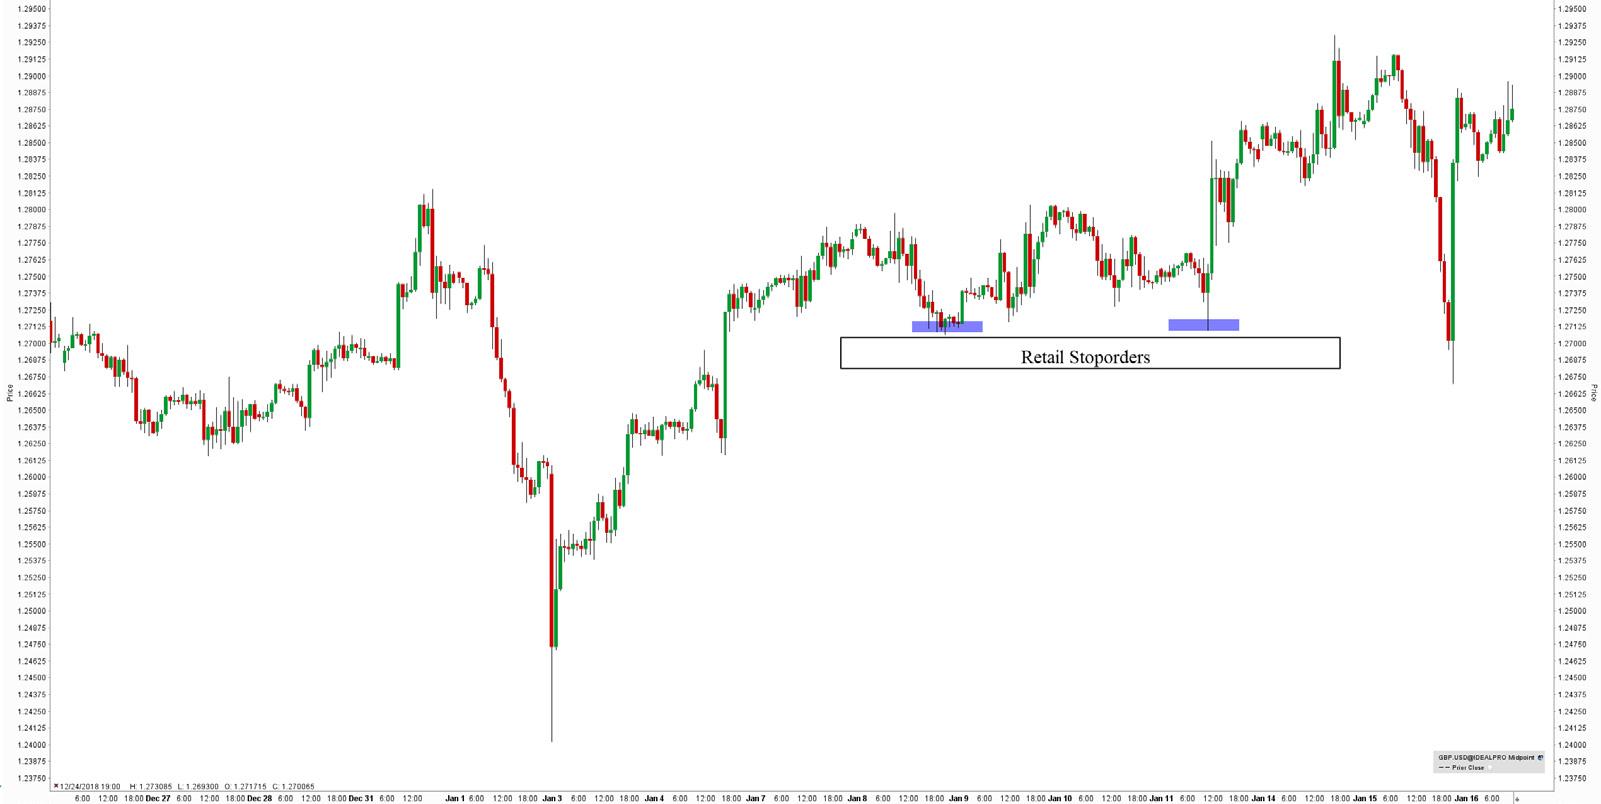 stratégie-forex-graphique-GBP-USD-EUR-USD-retail-stoporders-article-7-Forex-eBook